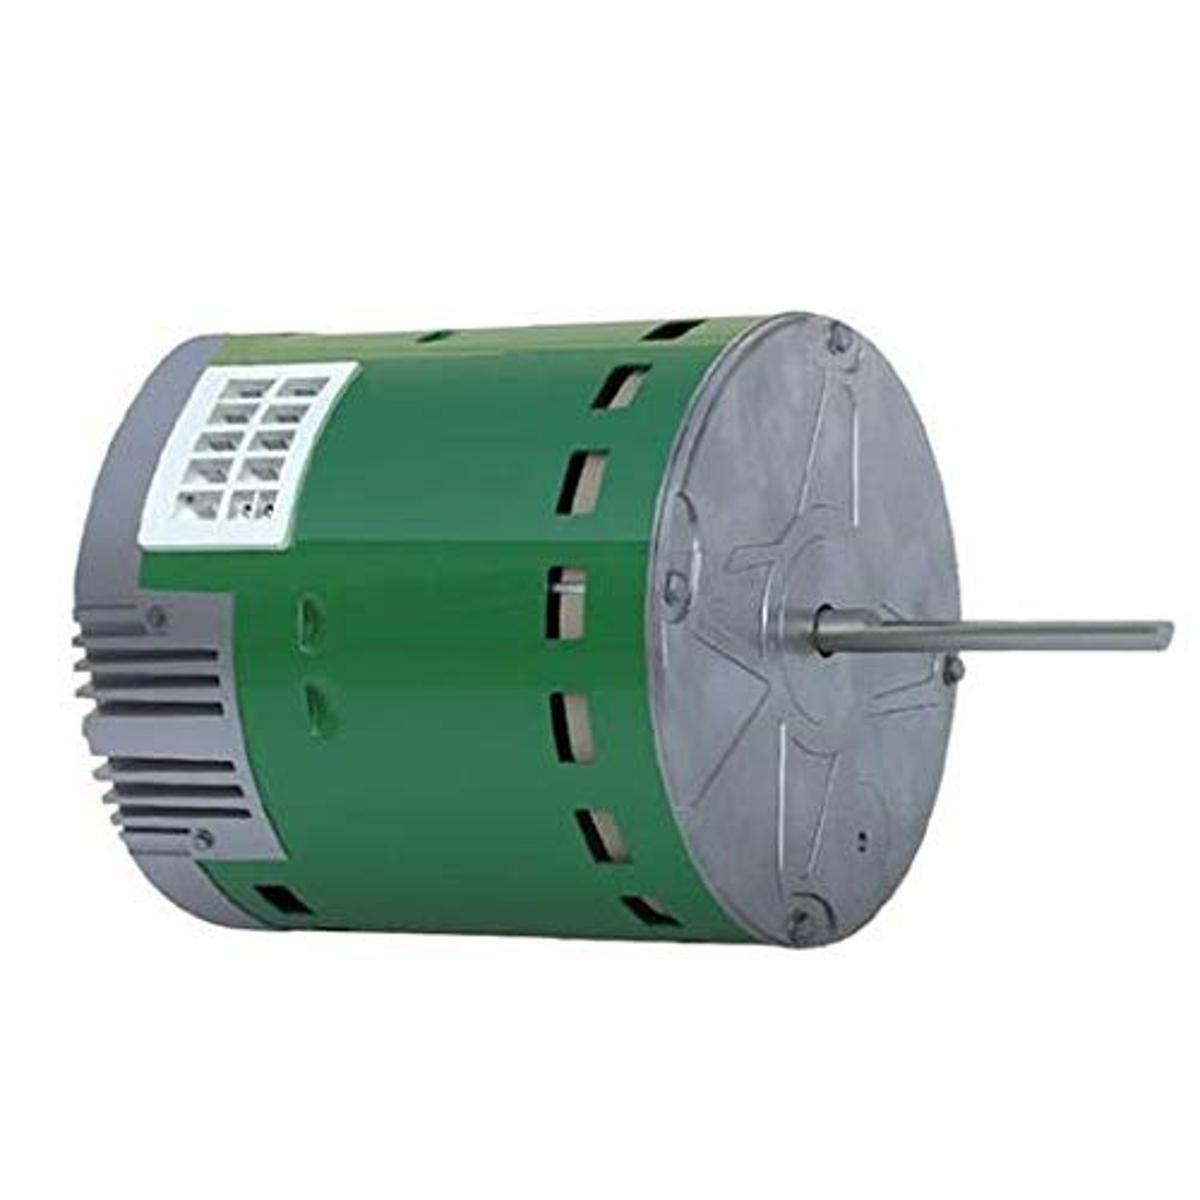 Evergreen CECOMINOD073162 GE • Genteq 1/3 HP 230 Volt Replacement X-13  Furnace Blower Motor: Amazon.com: Industrial & ScientificAmazon.com